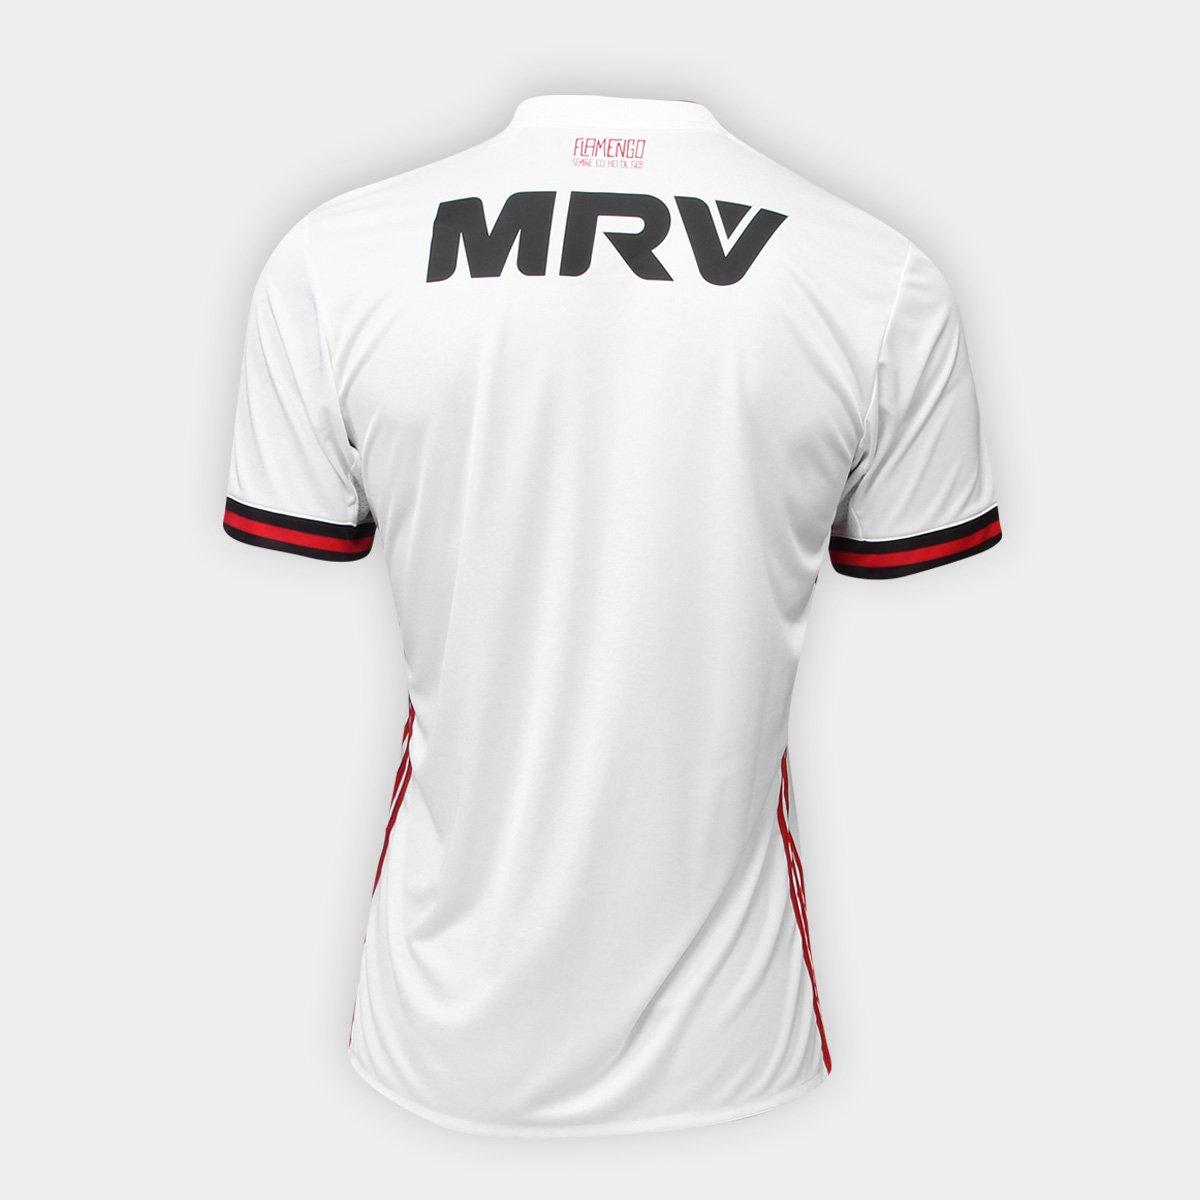 d00d64aa1d Camisa Flamengo II 17 18 s nº Torcedor Adidas Masculina - Compre ...